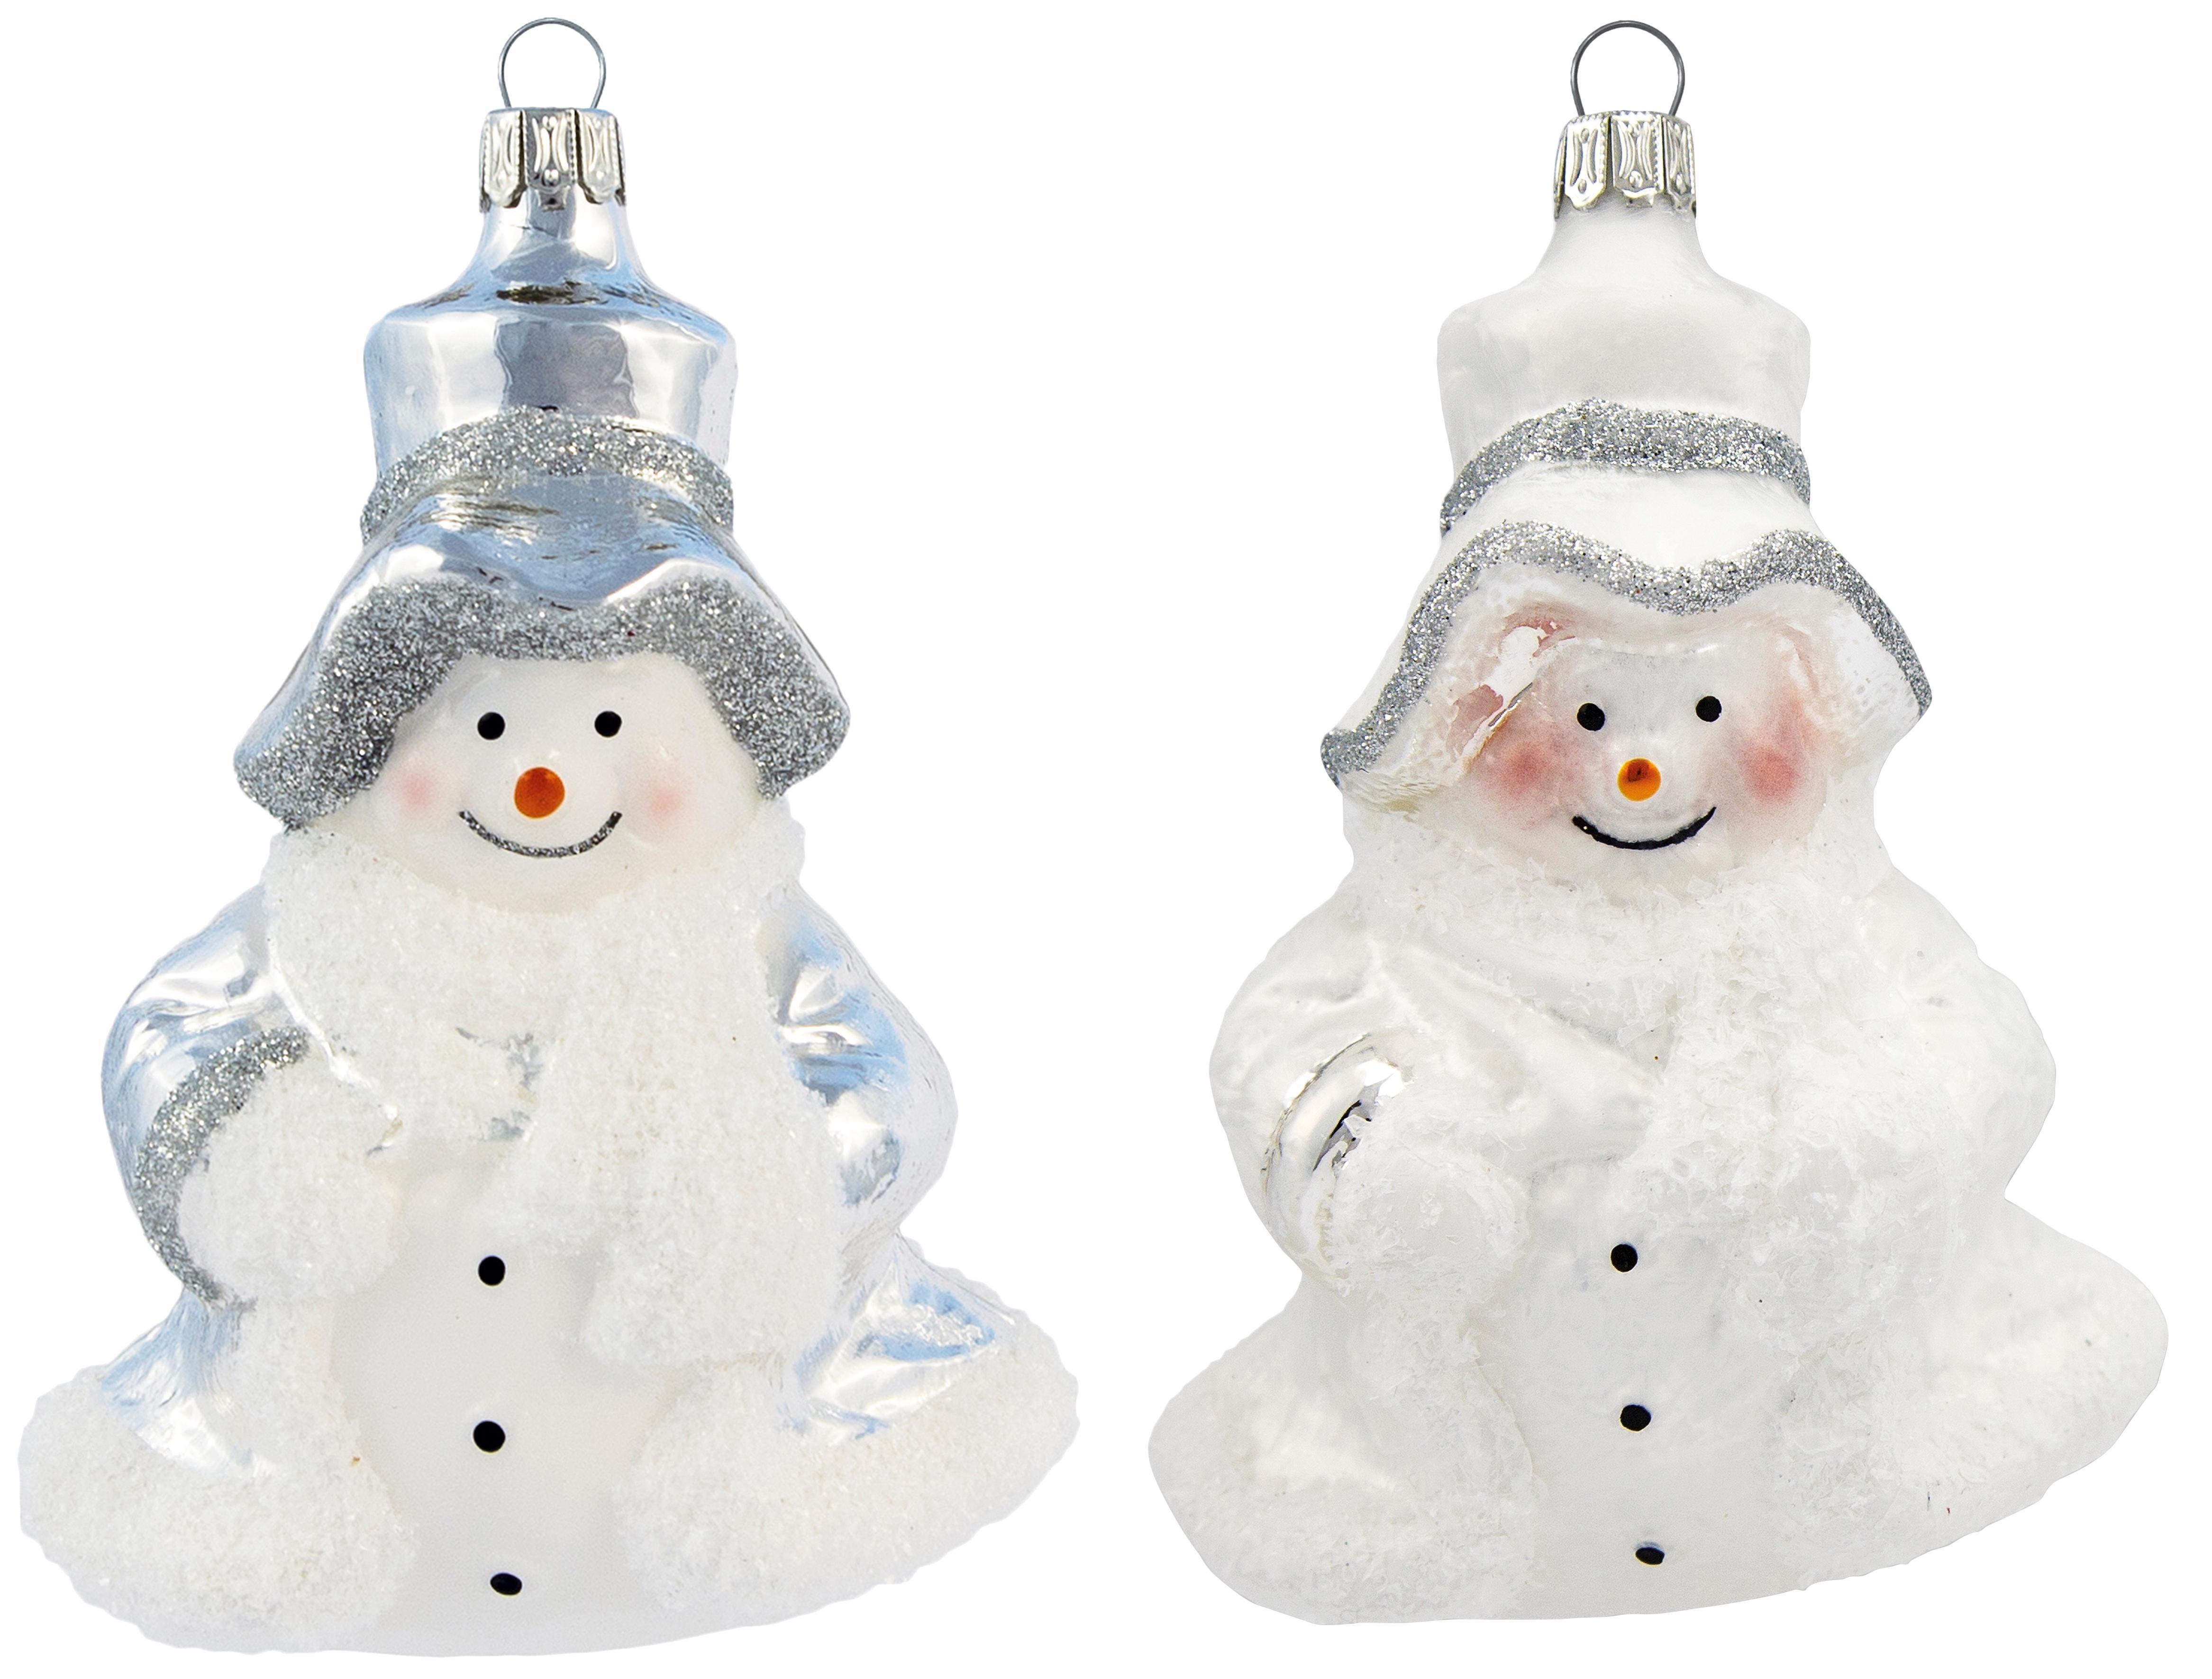 Ausstecher Schneemann Preisvergleich • Die besten Angebote online kaufen